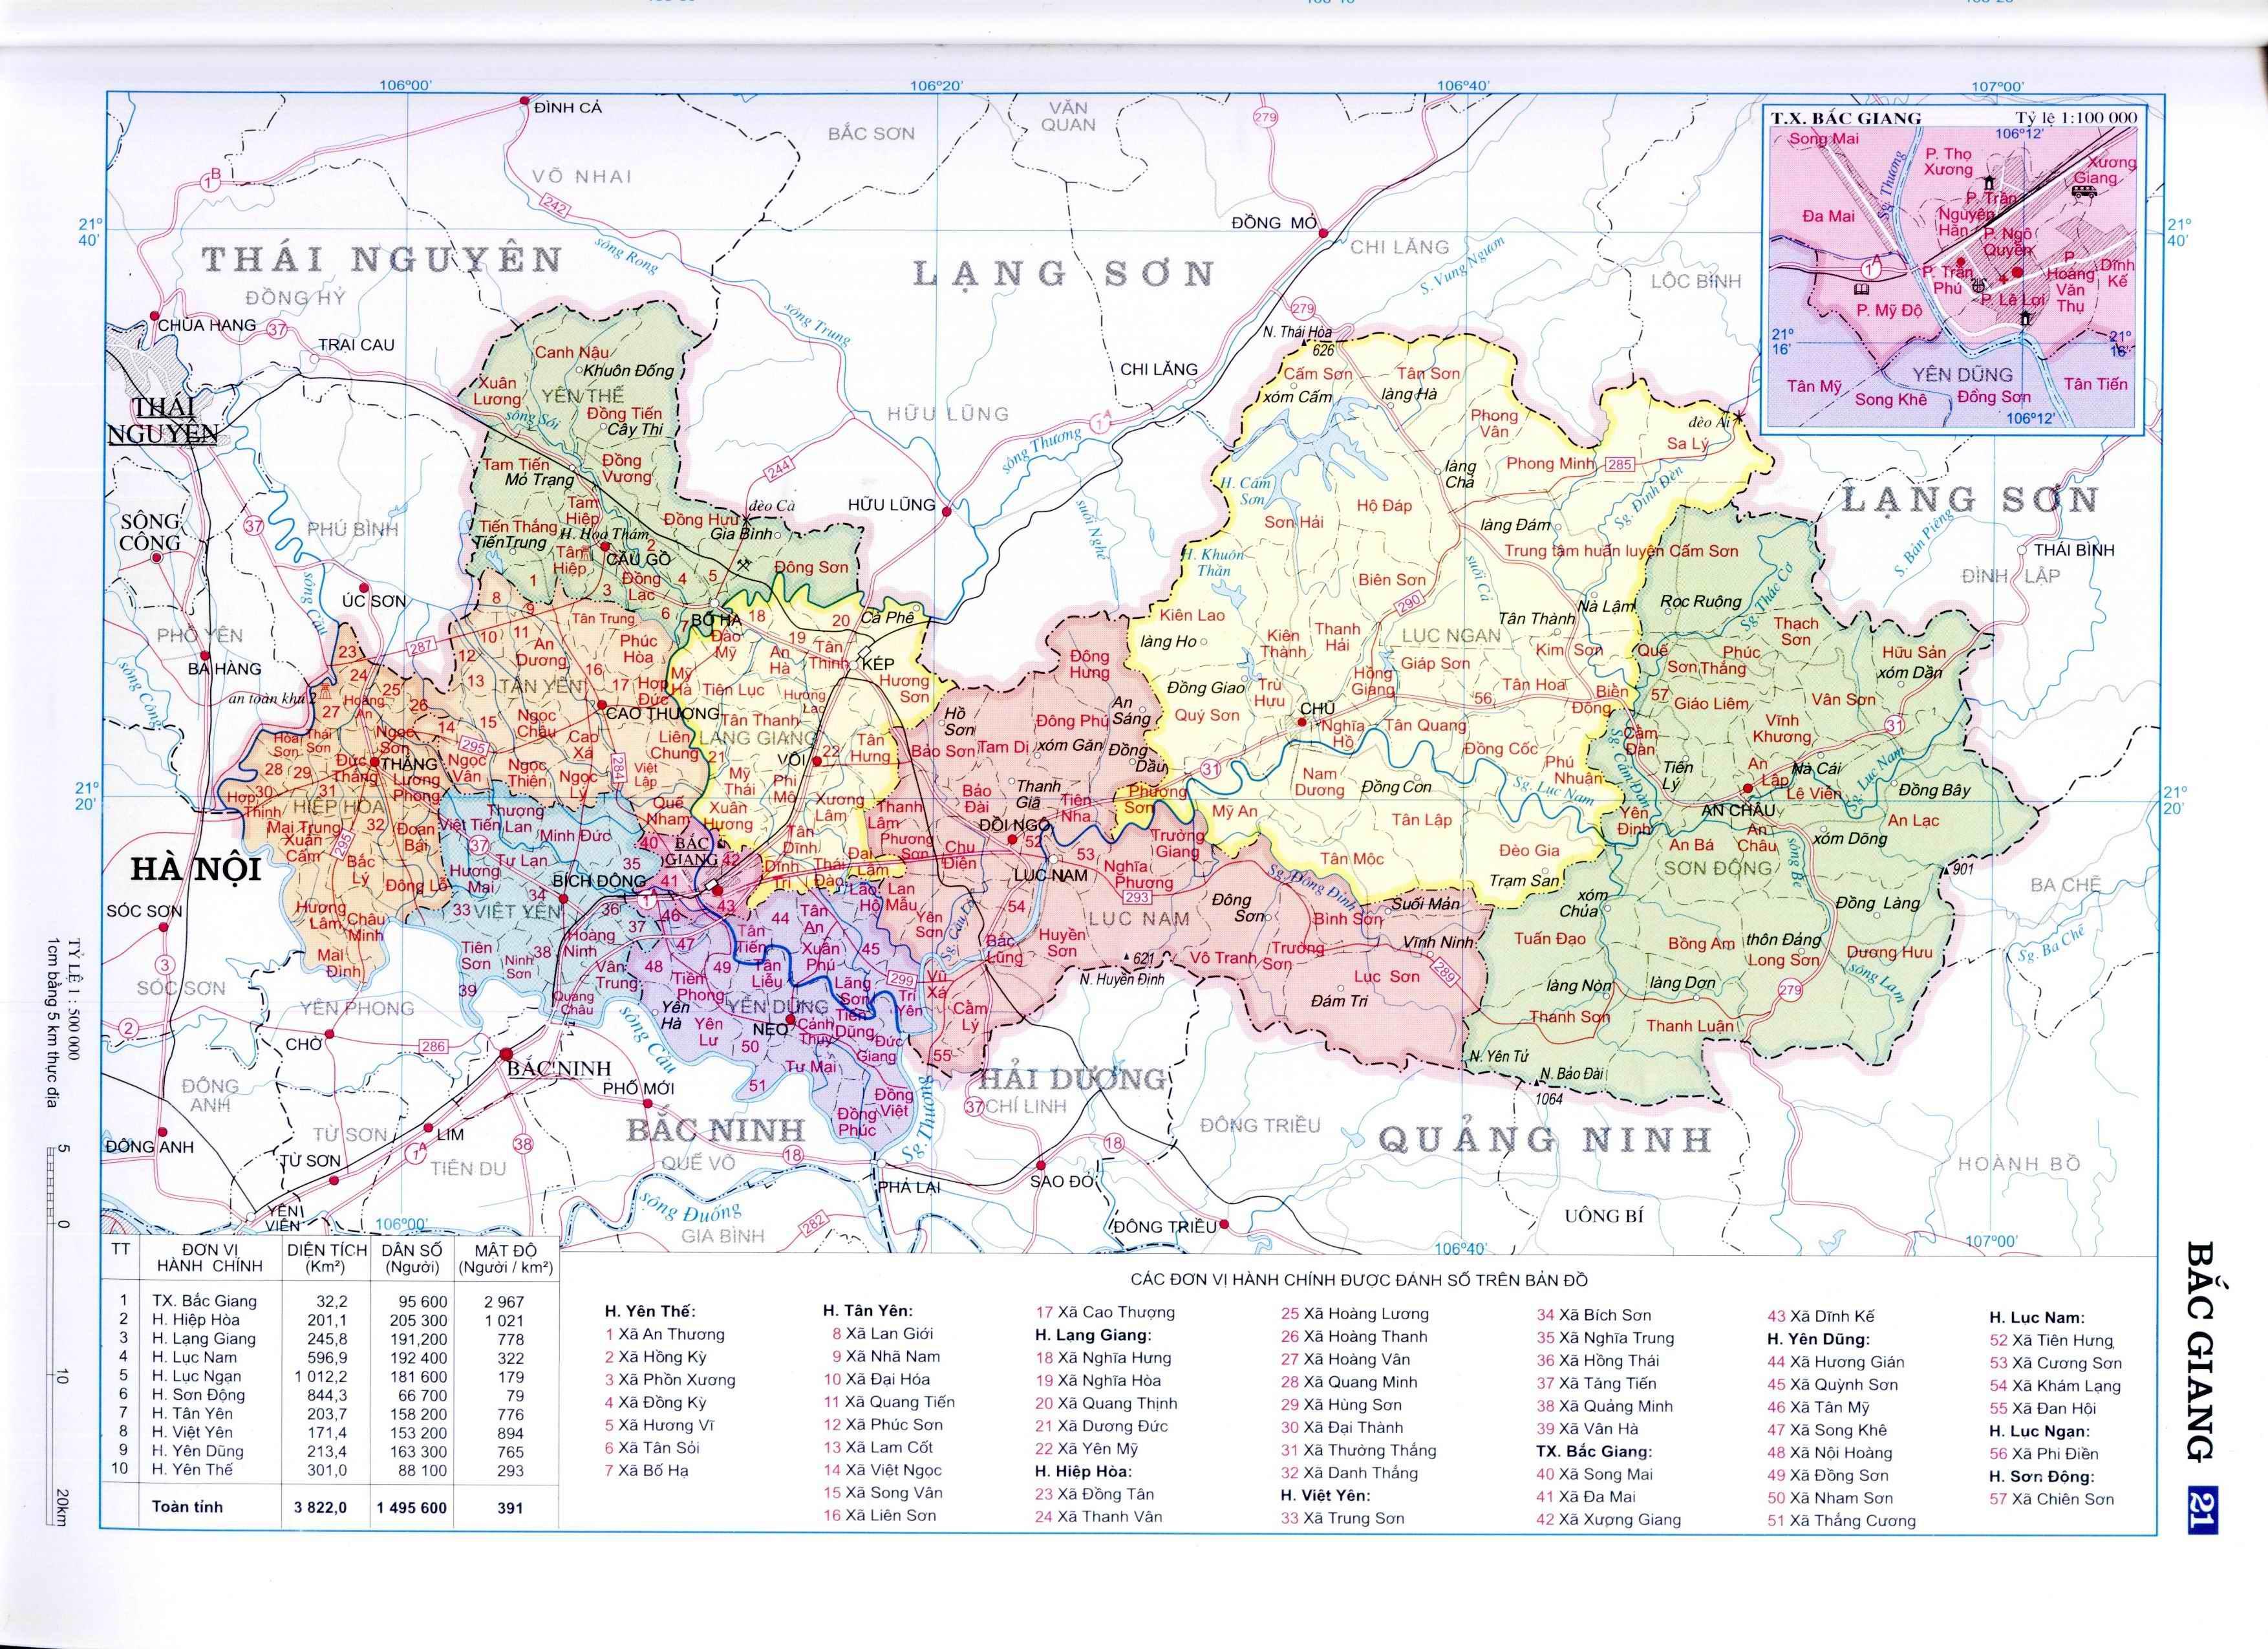 Bảng đồ hành chính tỉnh Bắc Giang